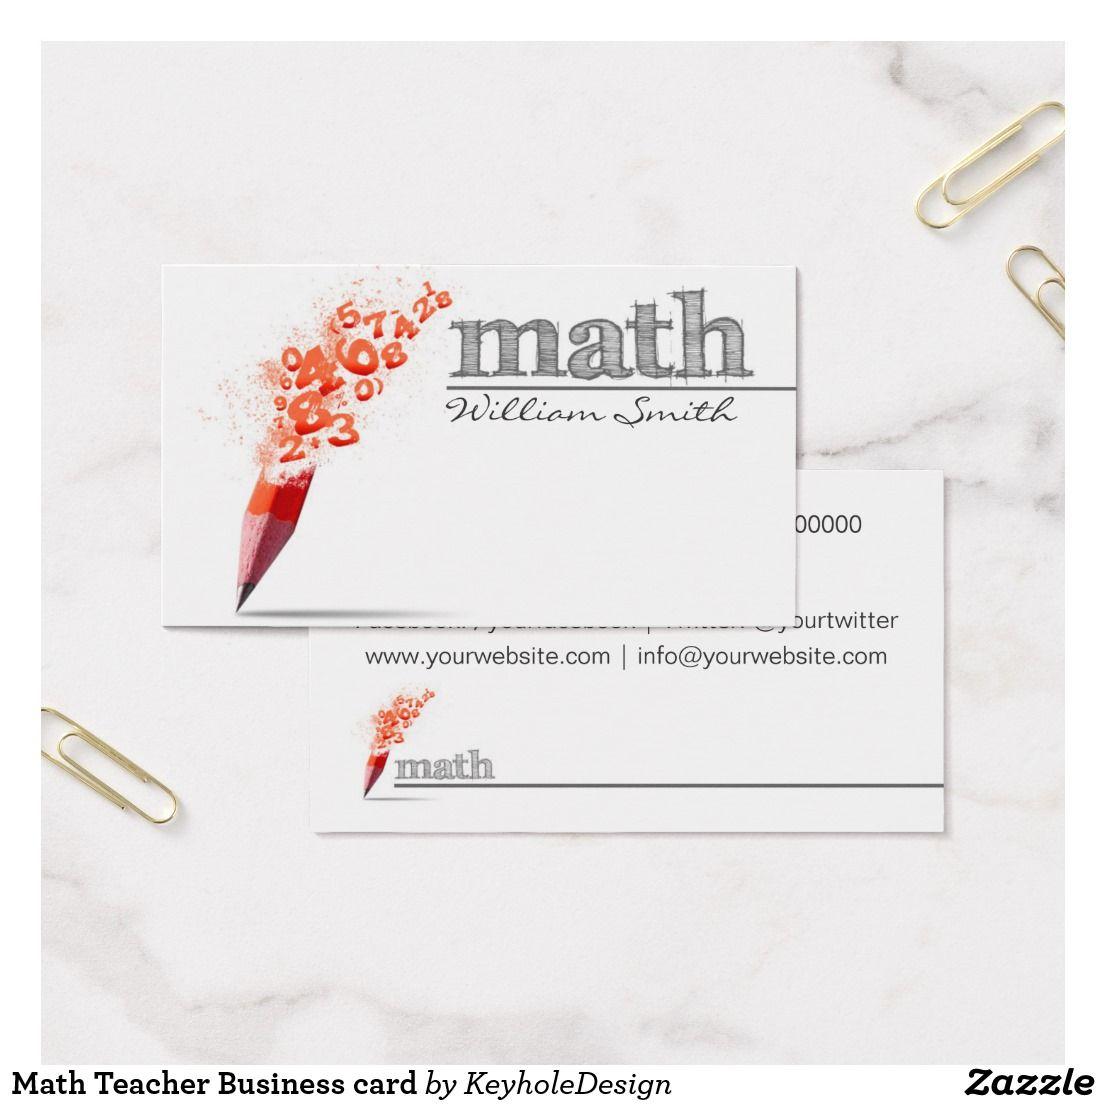 Math teacher business card office supplies pinterest teacher math teacher business card magicingreecefo Gallery